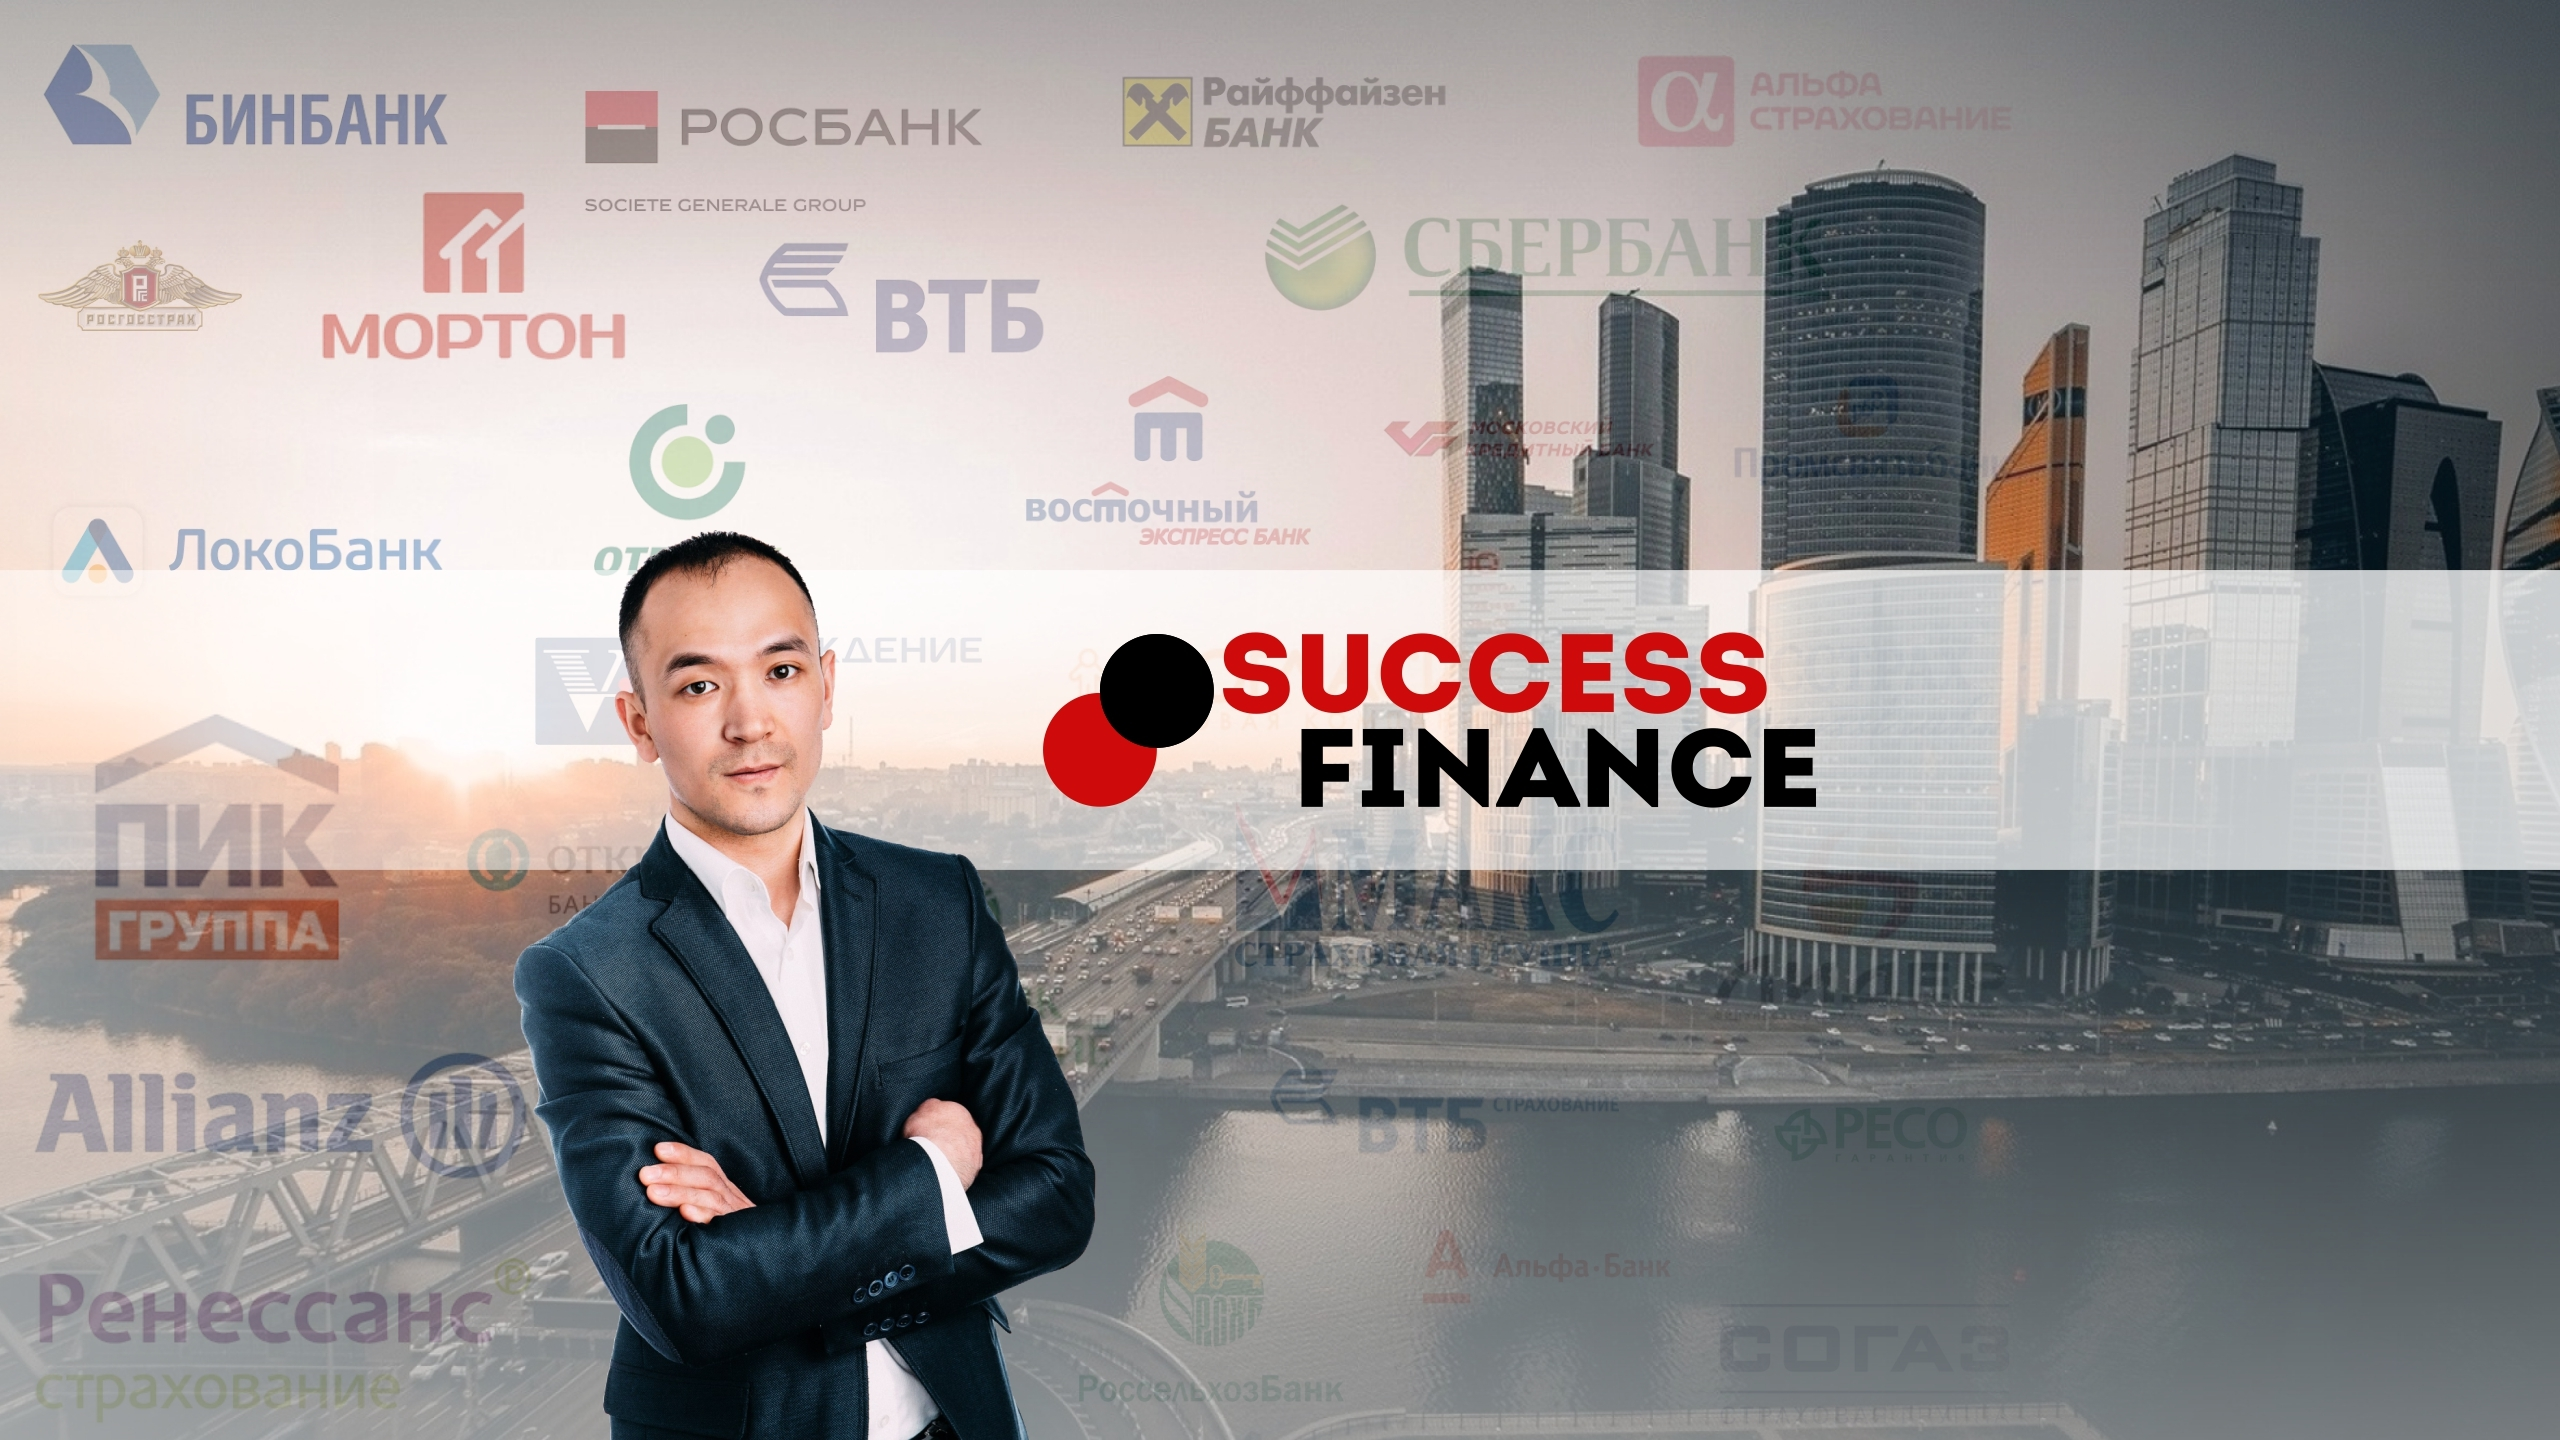 Фото: Success Finance